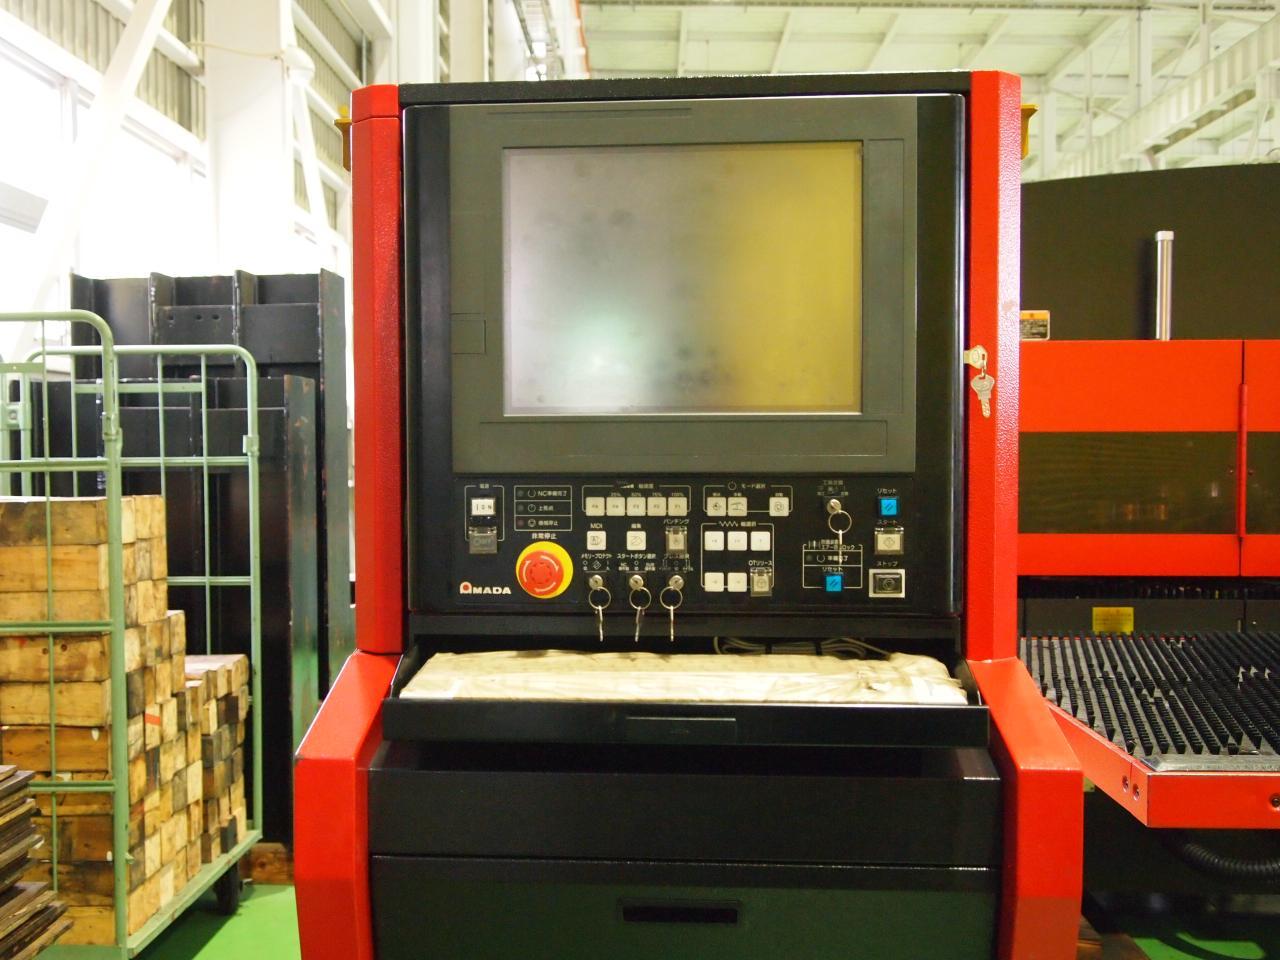 AE2510NTのNCコンソール画面